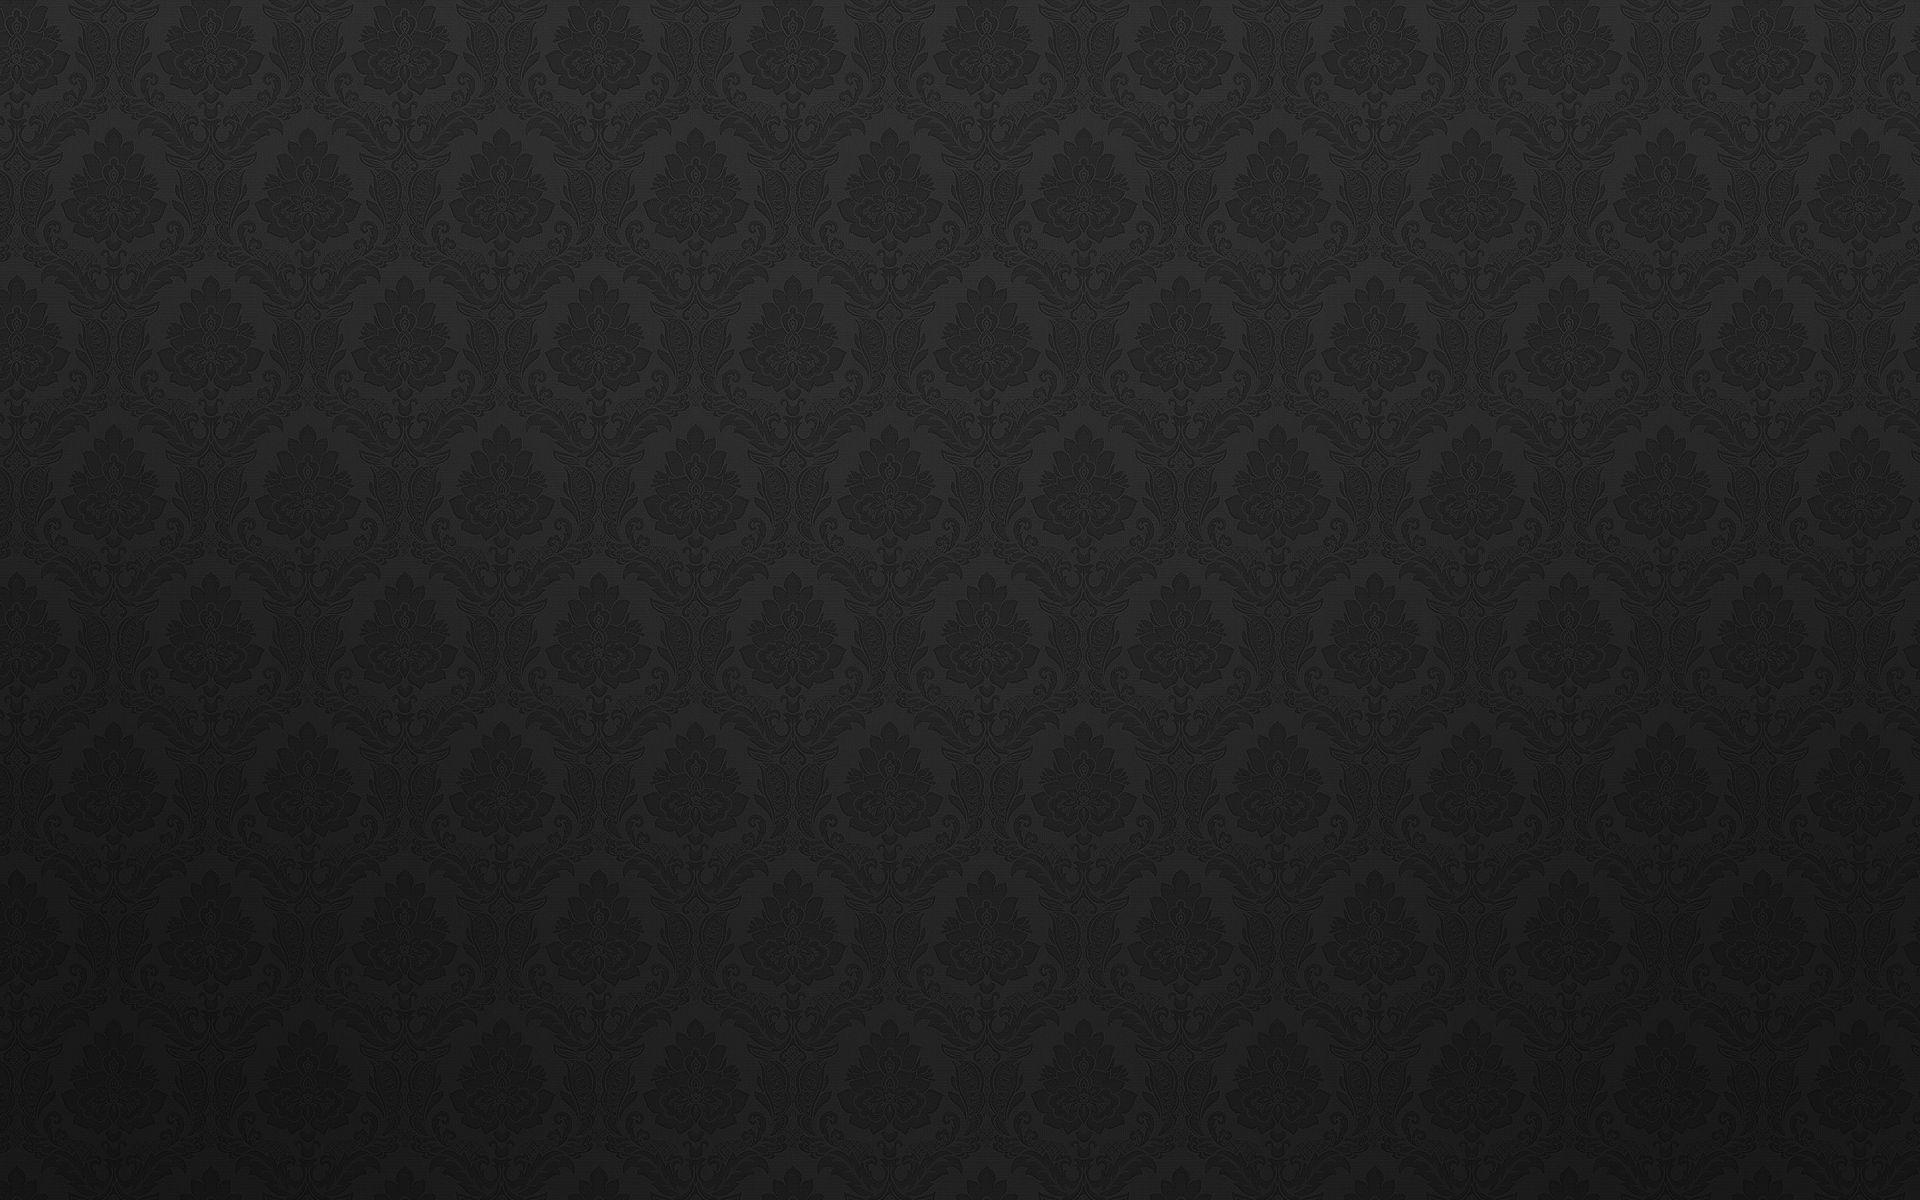 105228 Hintergrundbild herunterladen Hintergrund, Patterns, Dunkel, Textur, Texturen, Oberfläche, Ovale - Bildschirmschoner und Bilder kostenlos